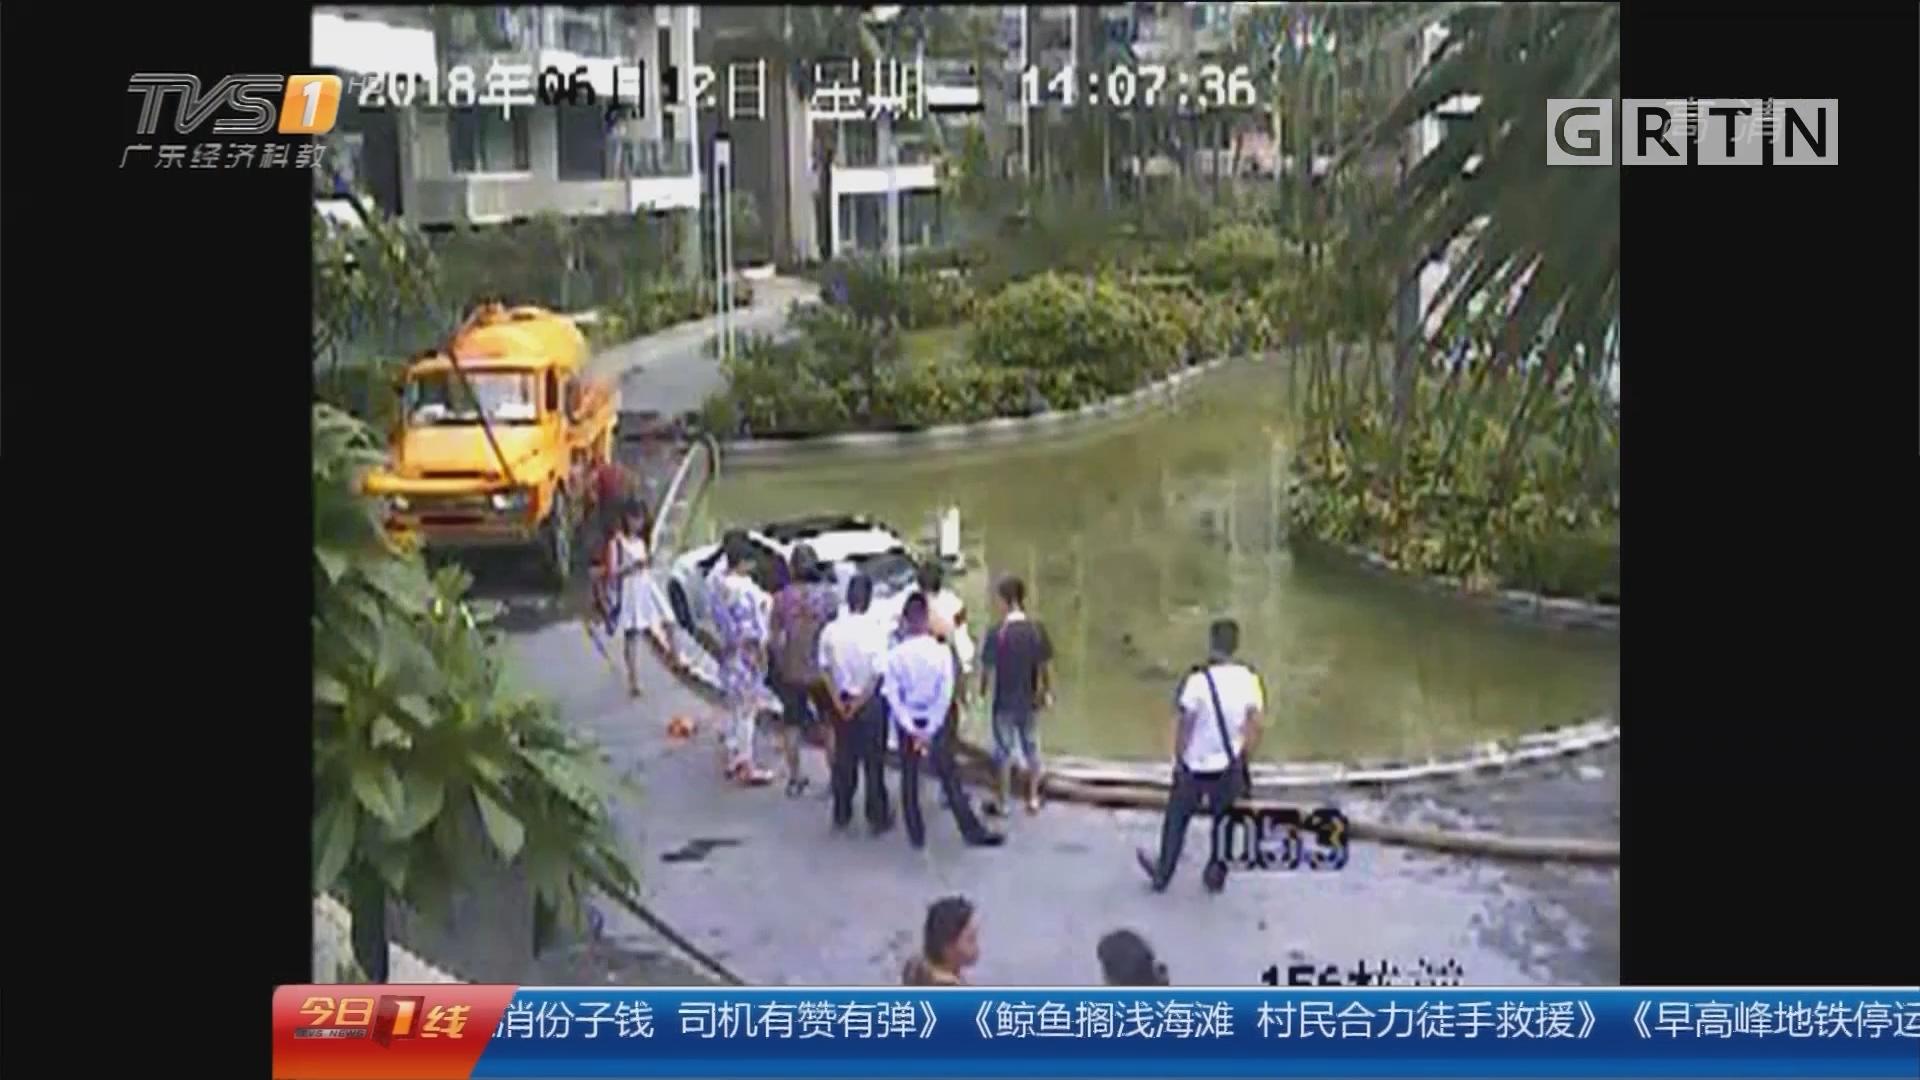 珠海:看房遇暴雨 豪车开进小区水池遇险